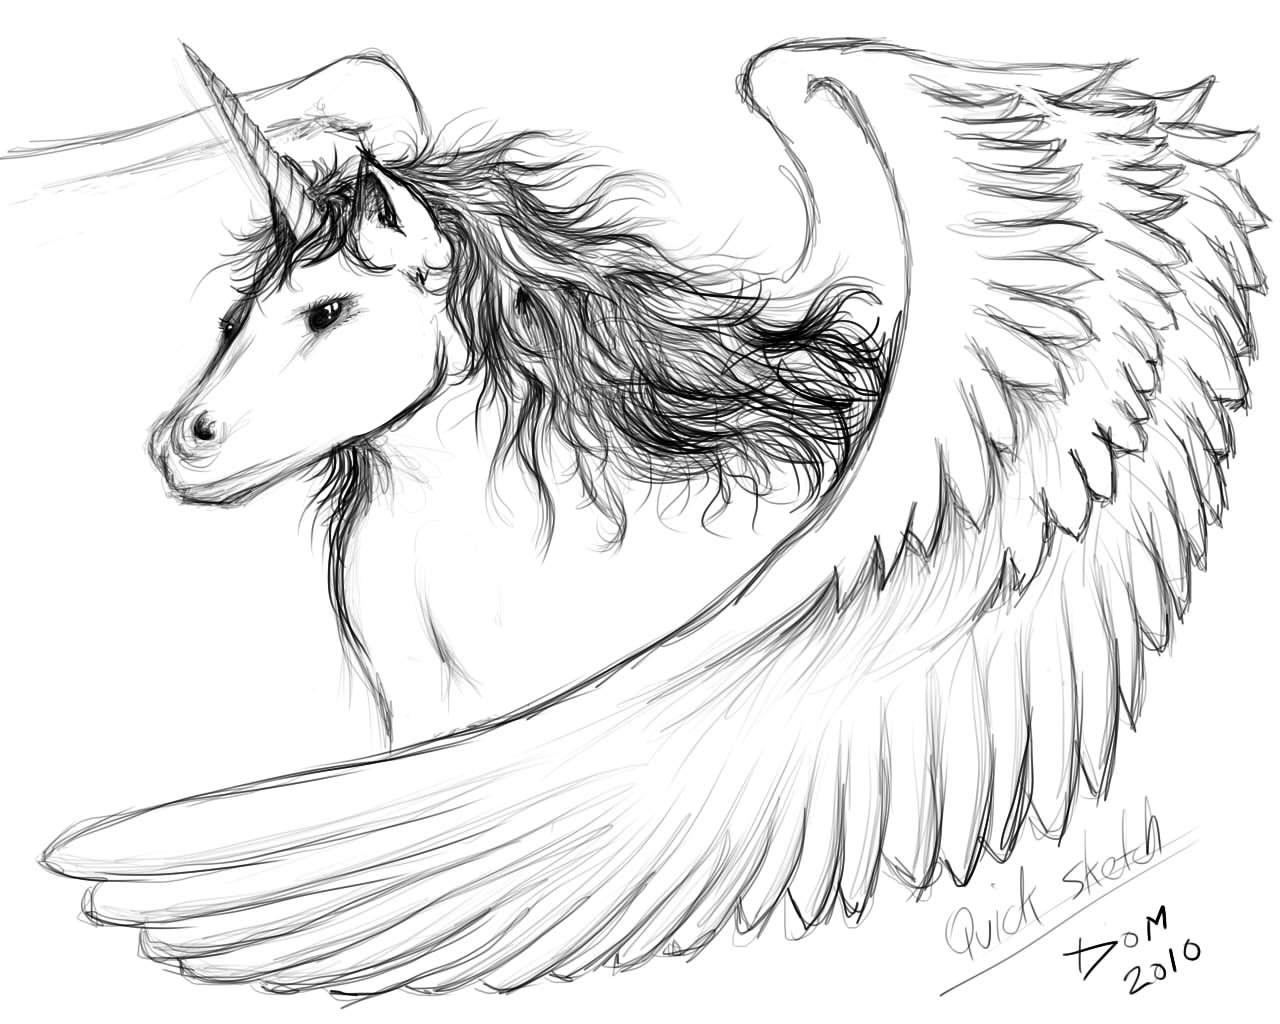 Unicorn Sketch By Thatdomguy On Deviantart Unicorn Coloring Pages Unicorn Sketch Bear Coloring Pages